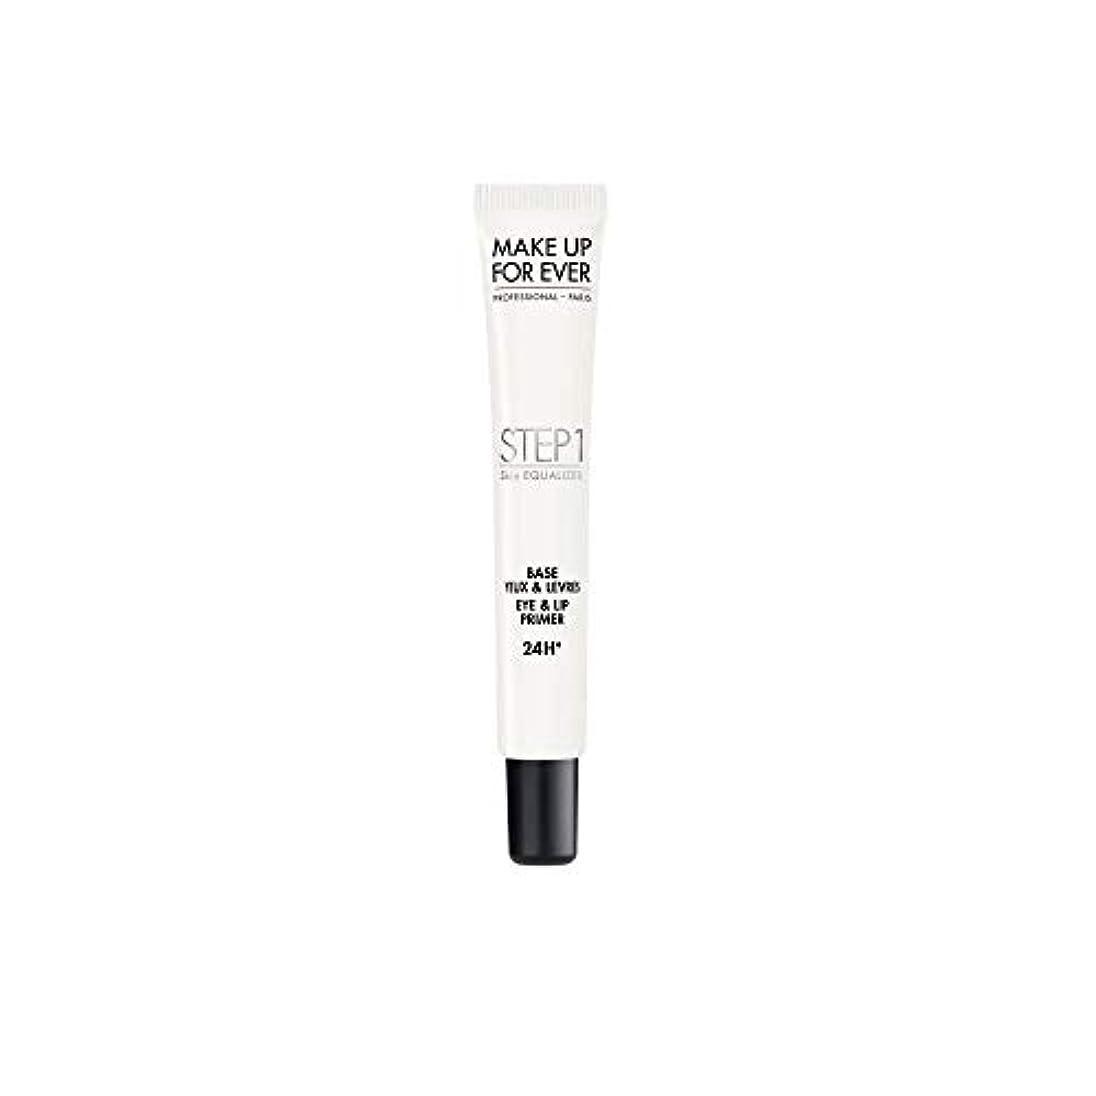 ベンチャー批判ベンチャーメイクアップフォーエバー Step 1 Eye & Lip Primer 10ml/0.33oz並行輸入品